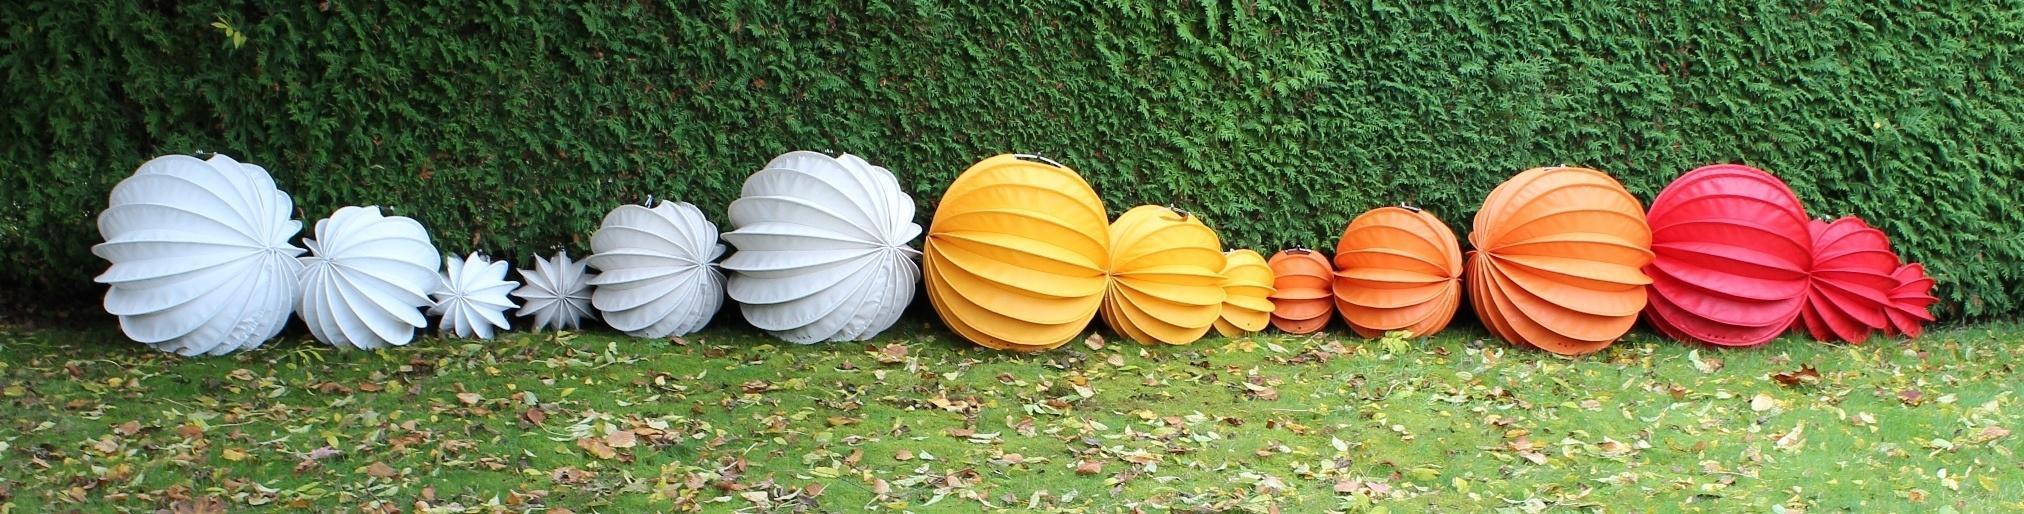 Das ist unsere Barlooon-Collection - die wetterfesten Lampions für den Außenbereich.